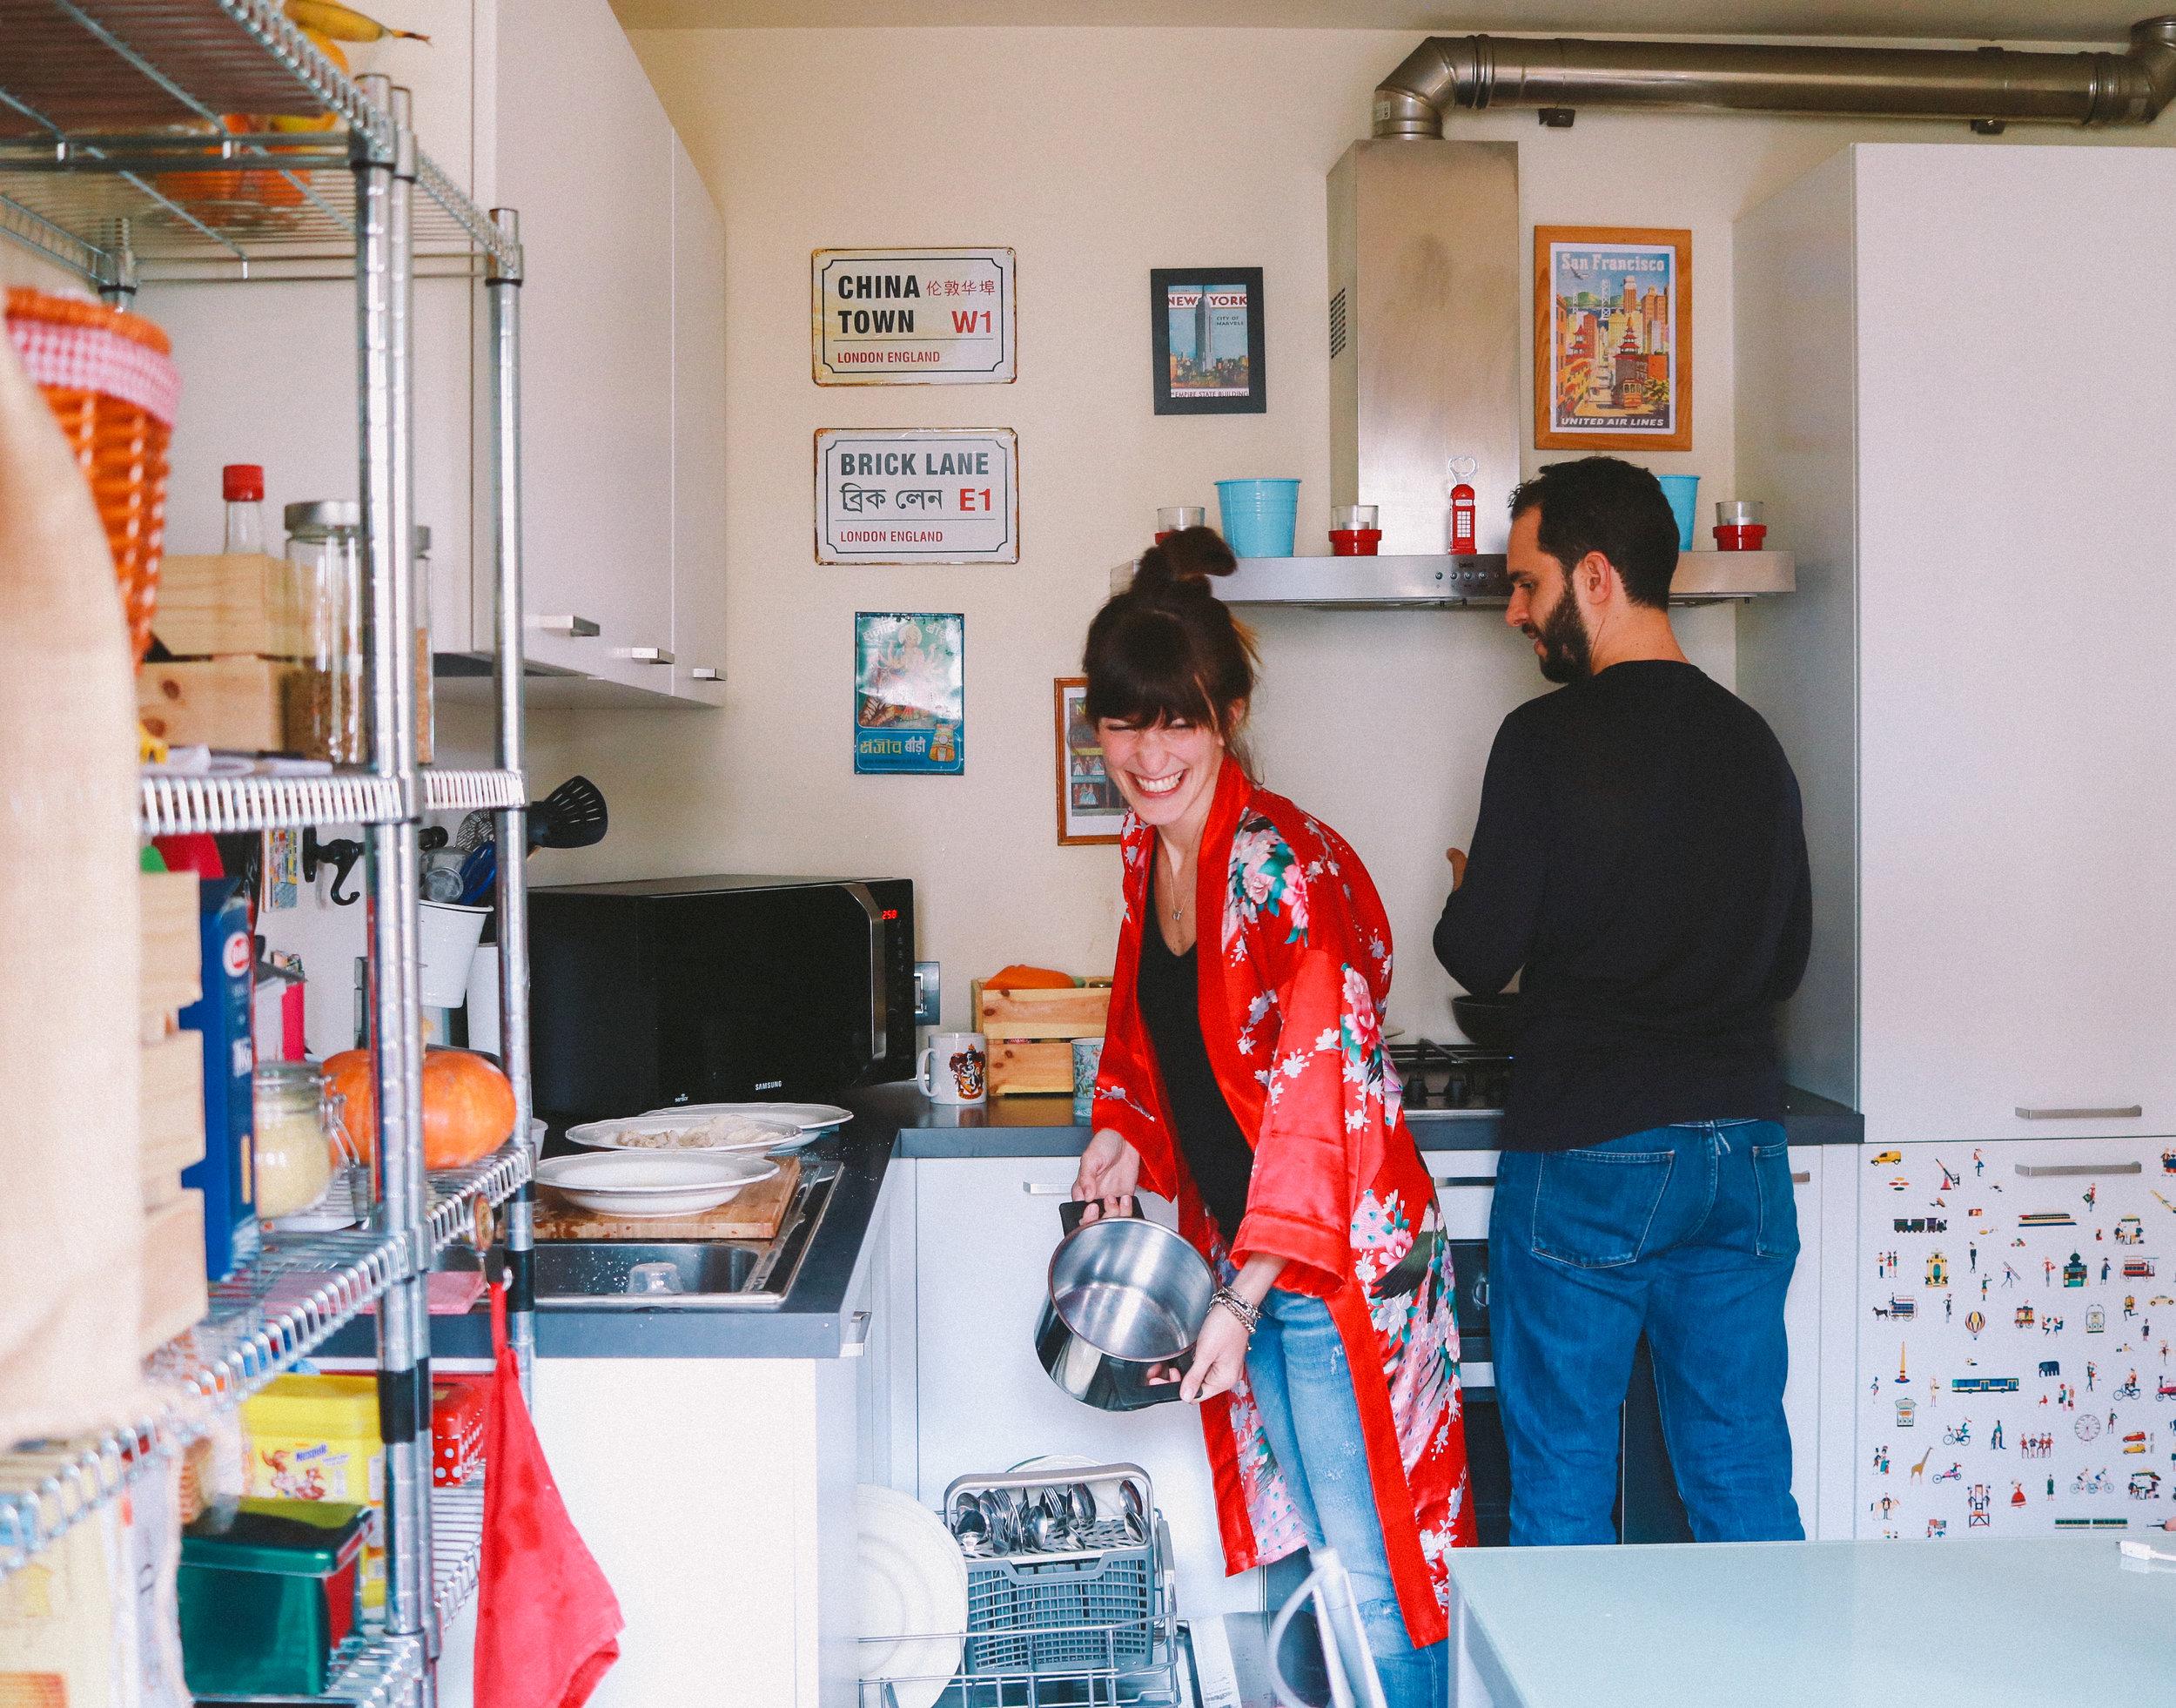 Coppia-Cucina-10.jpg